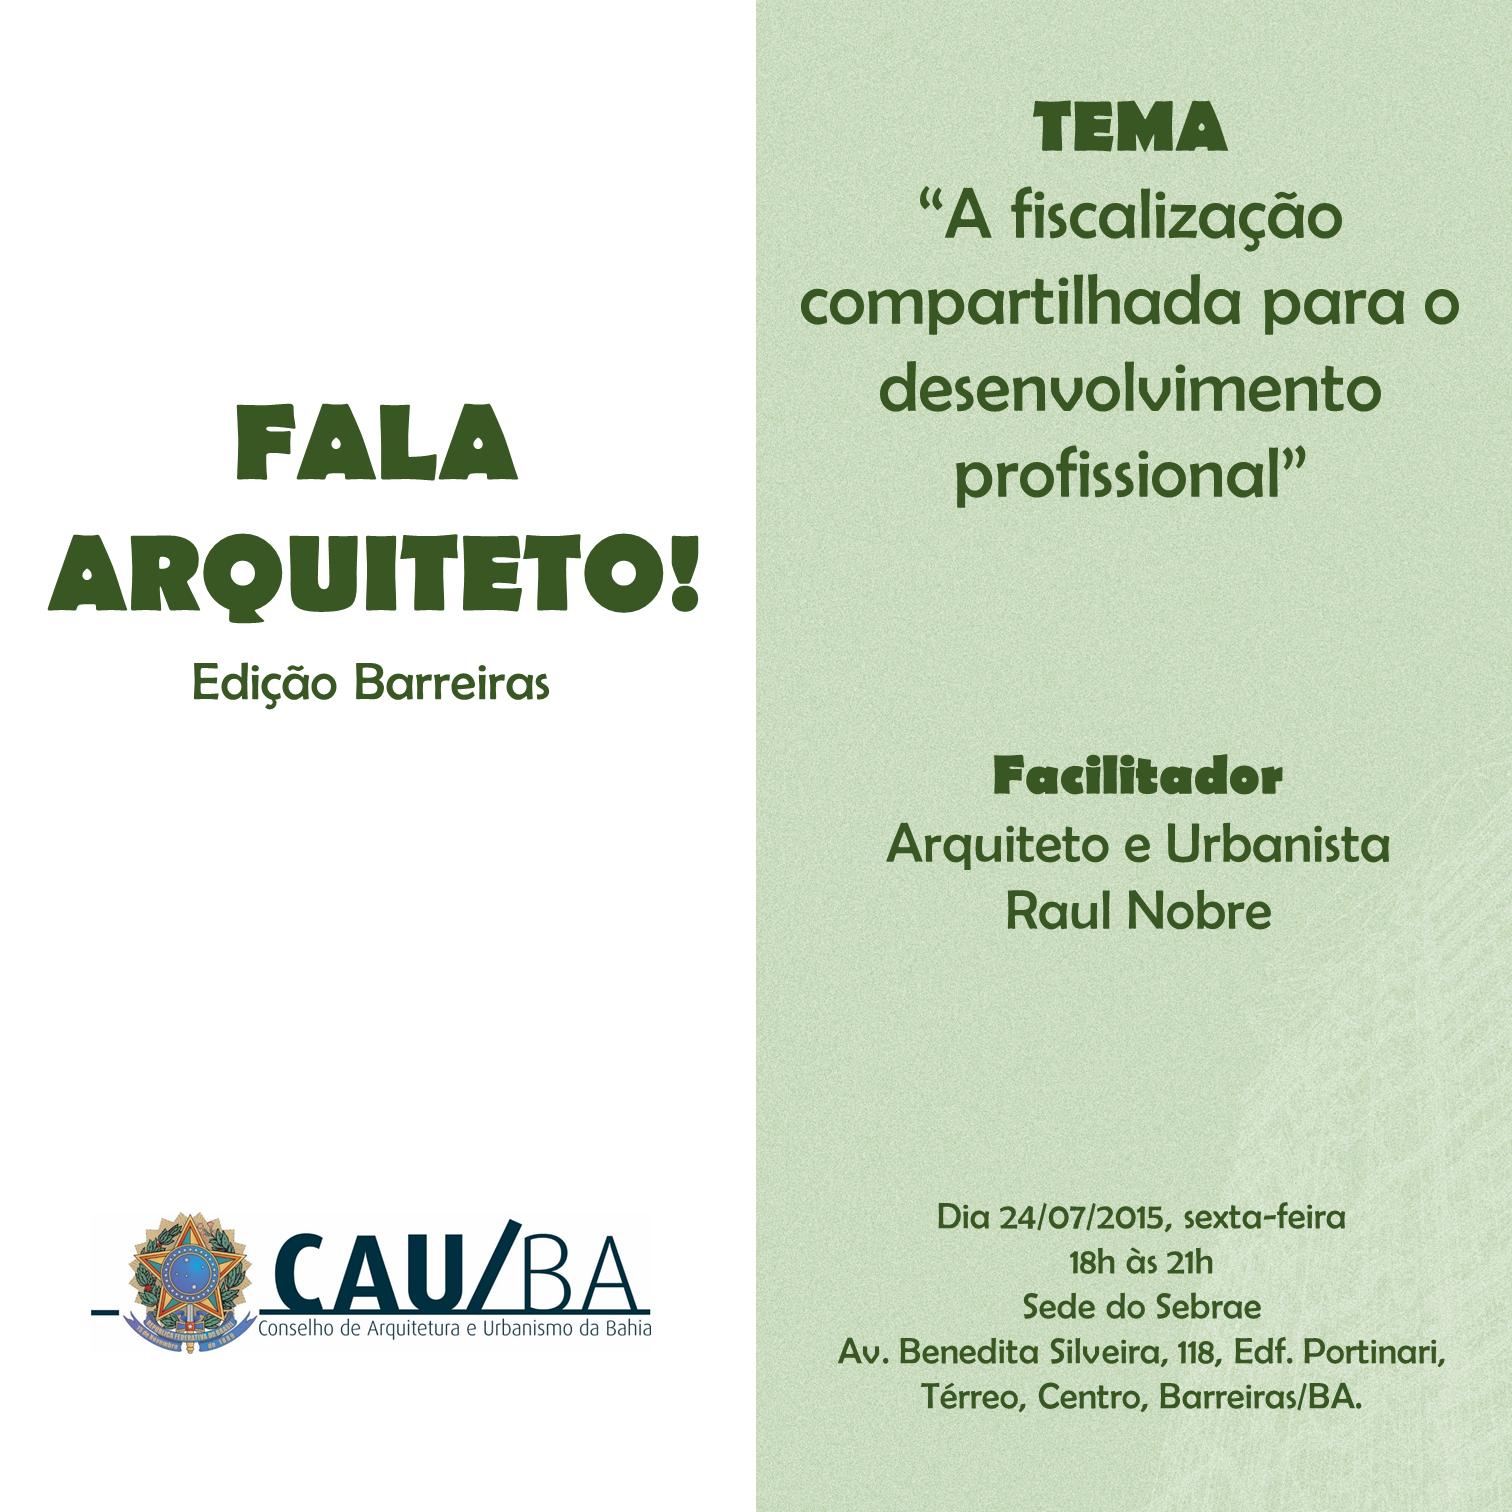 CAU/BA realiza fala arquiteto no município de Barreiras